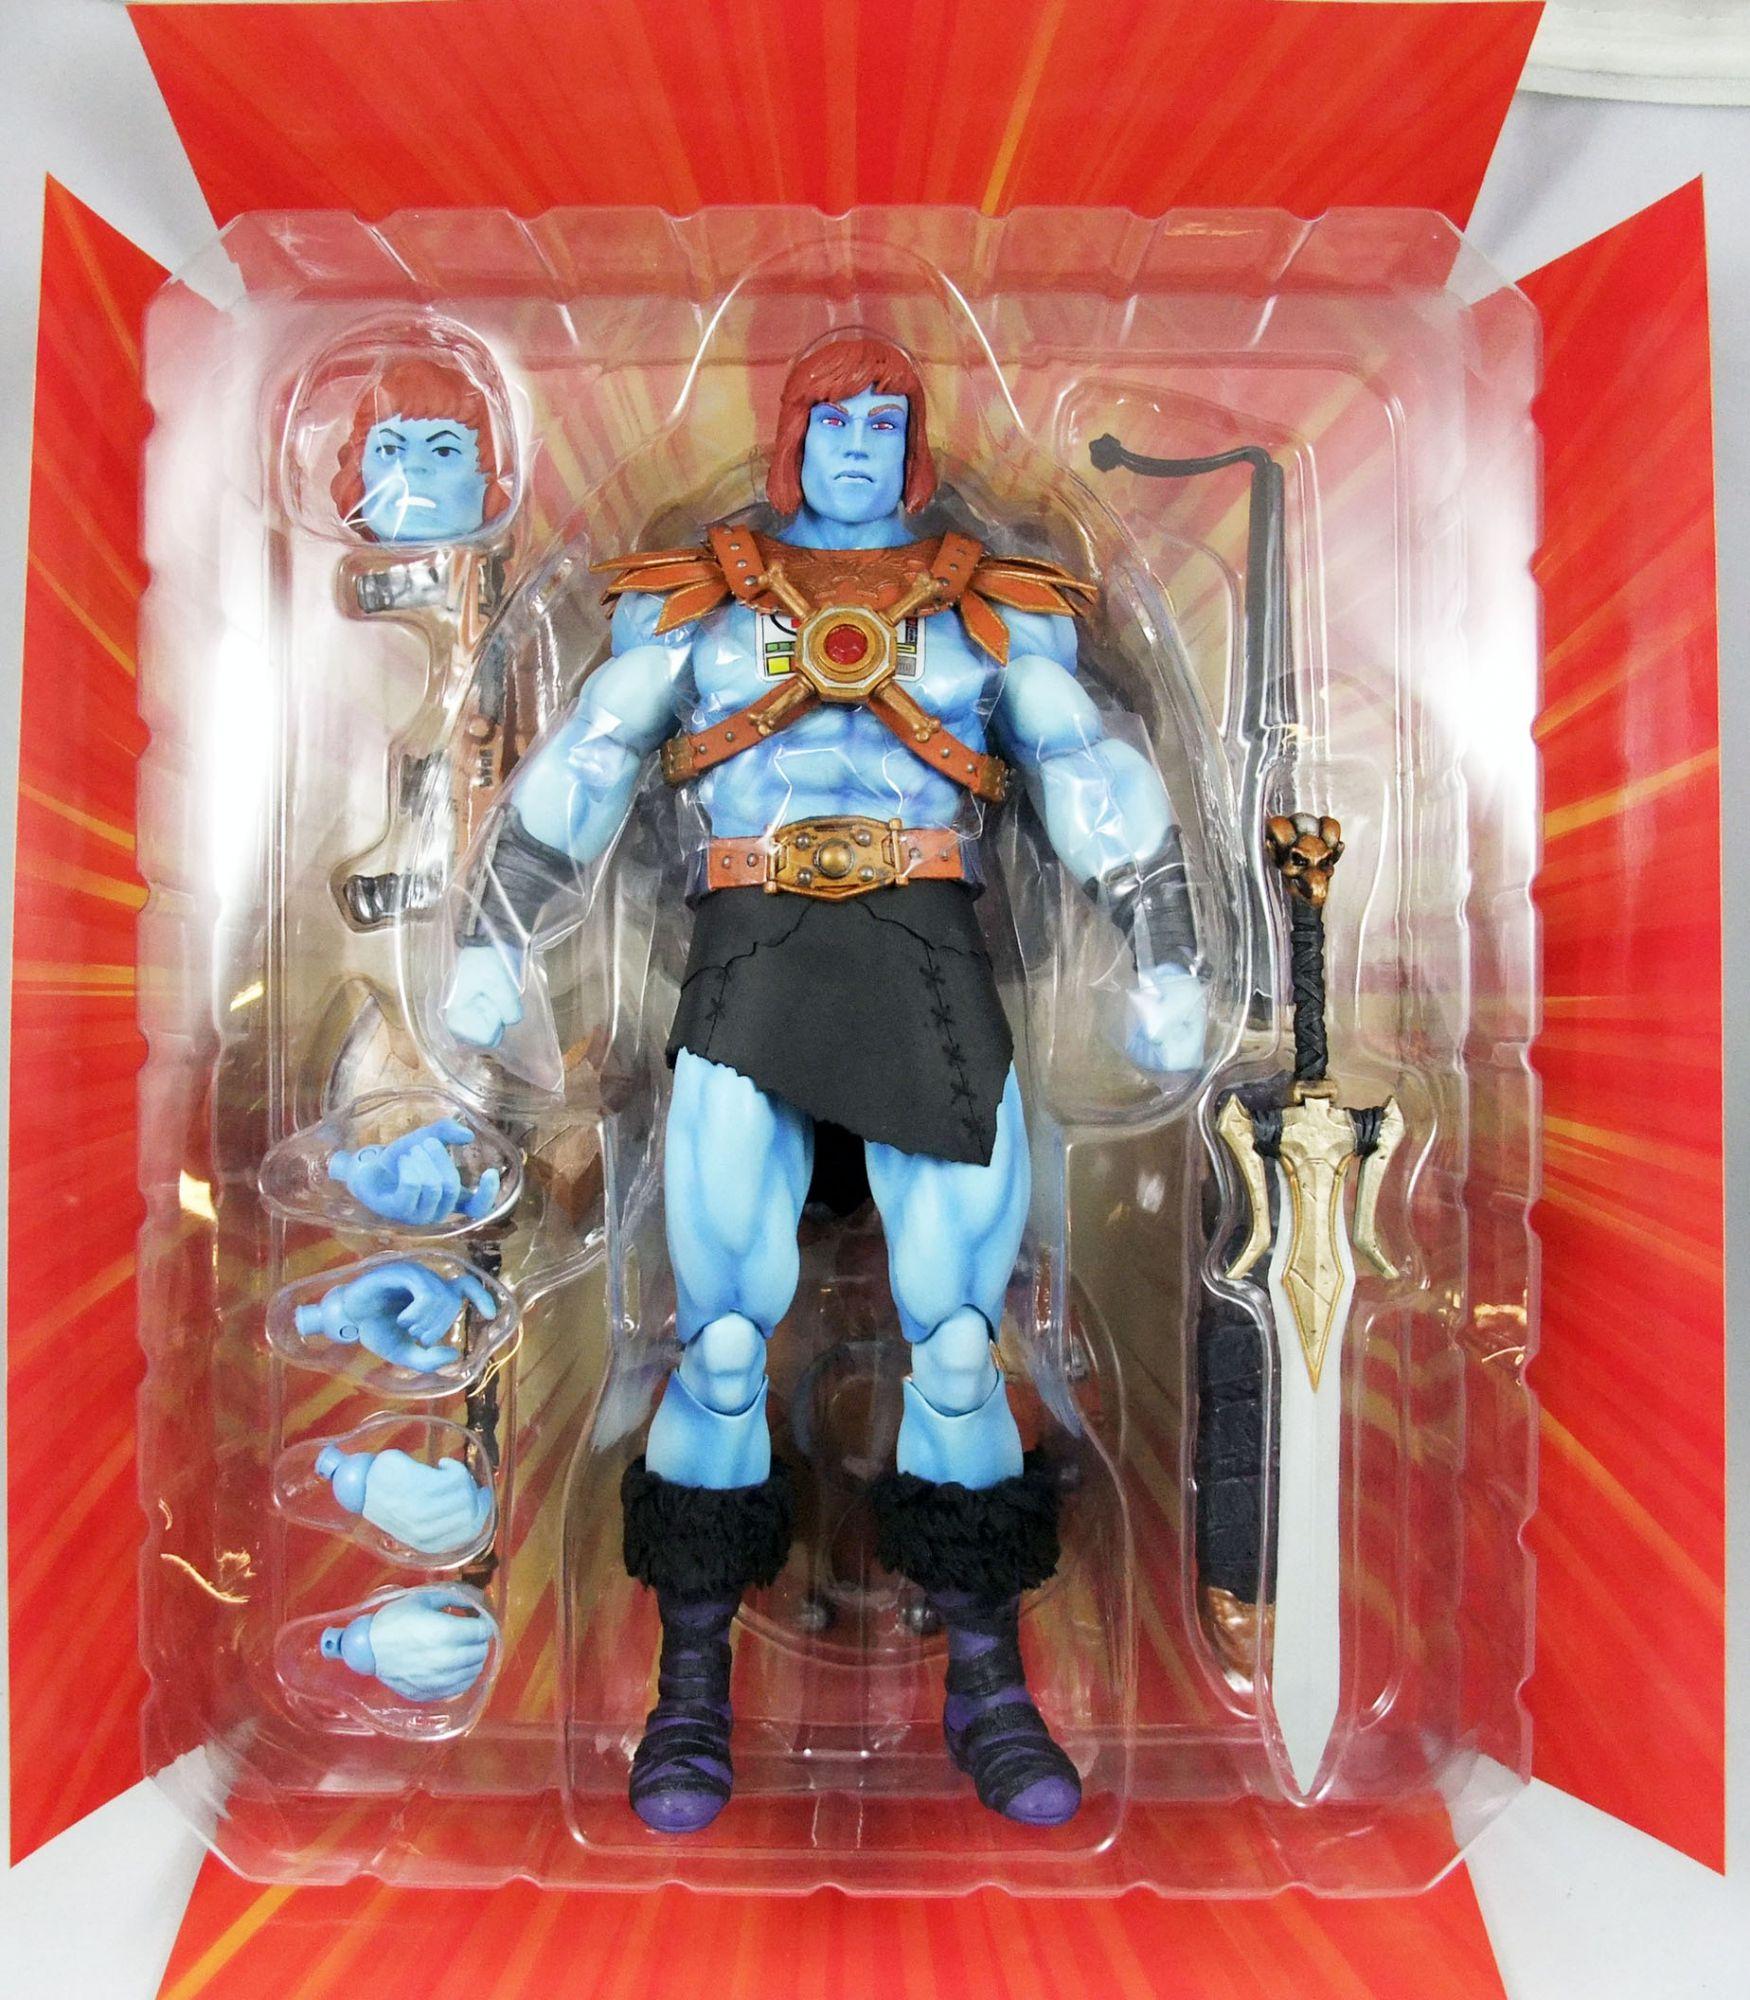 Les Maitres de l\'Univers - Mondo - Faker - Figurine échelle 1/6ème 30cm (PX Exclusive)